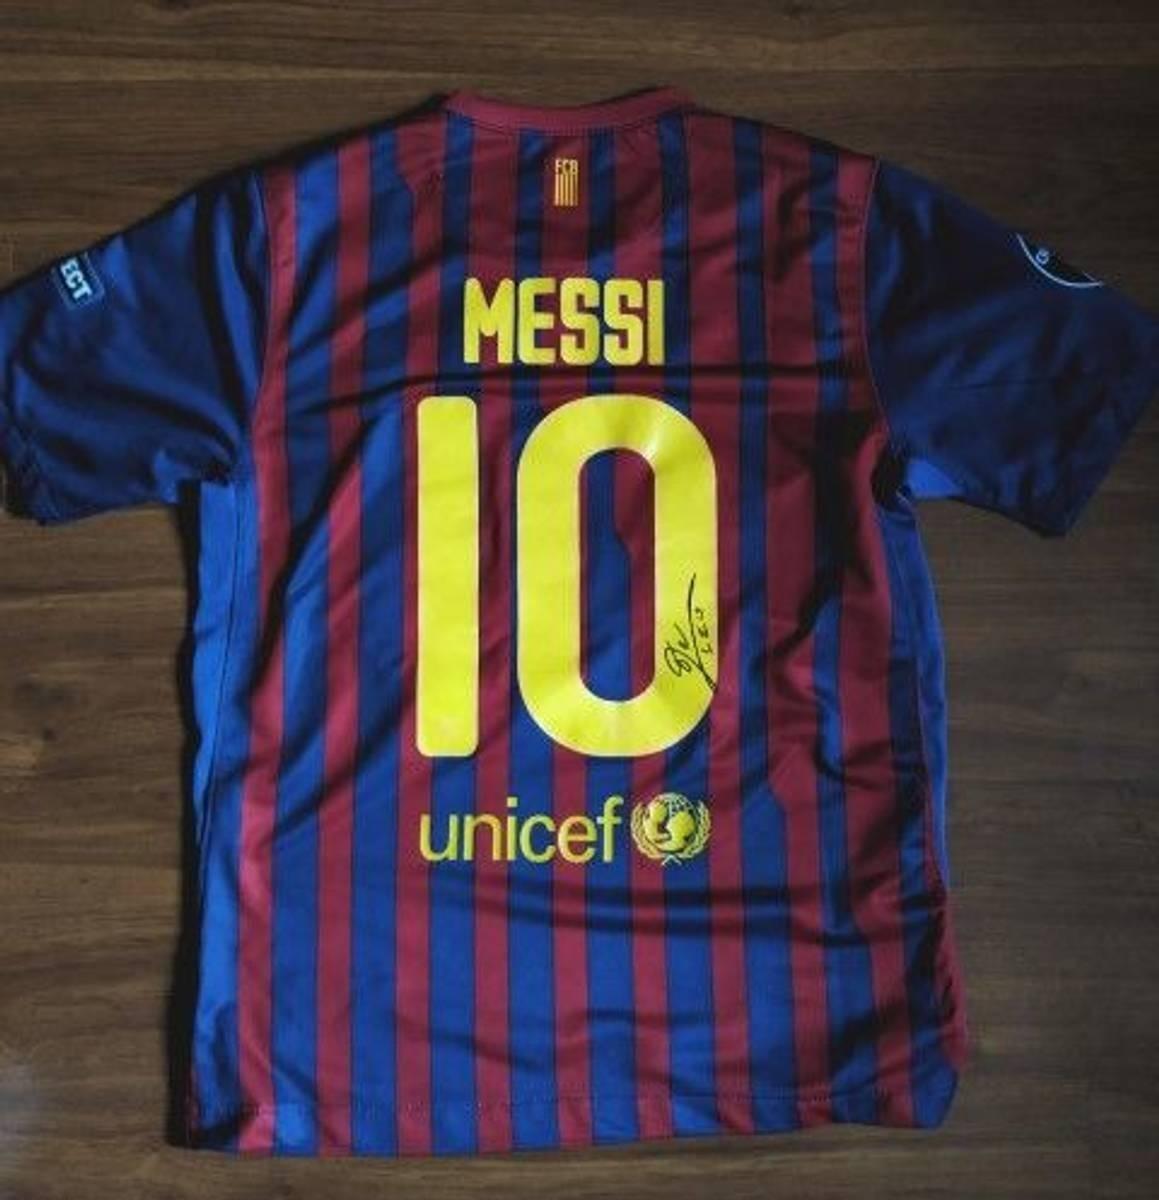 11a2a8731cdf6 camiseta barcelona autografada pelo messi. Carregando zoom.